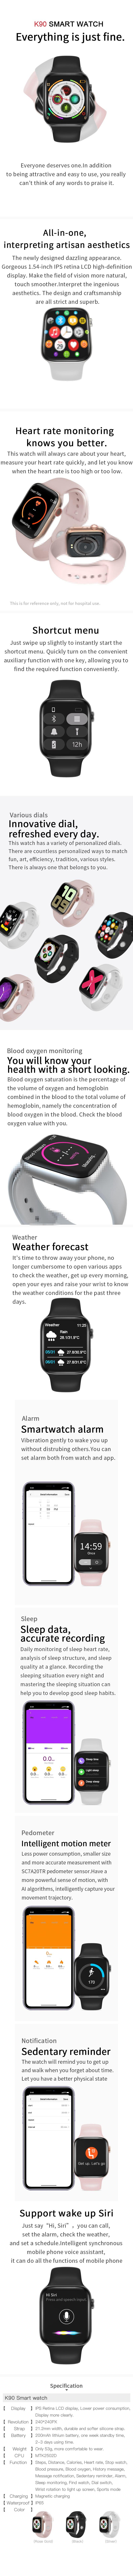 Yinsung — montre connectée K90, écran couleur haute définition, 1.54 IPS, 22 langues disponibles, offre spéciale